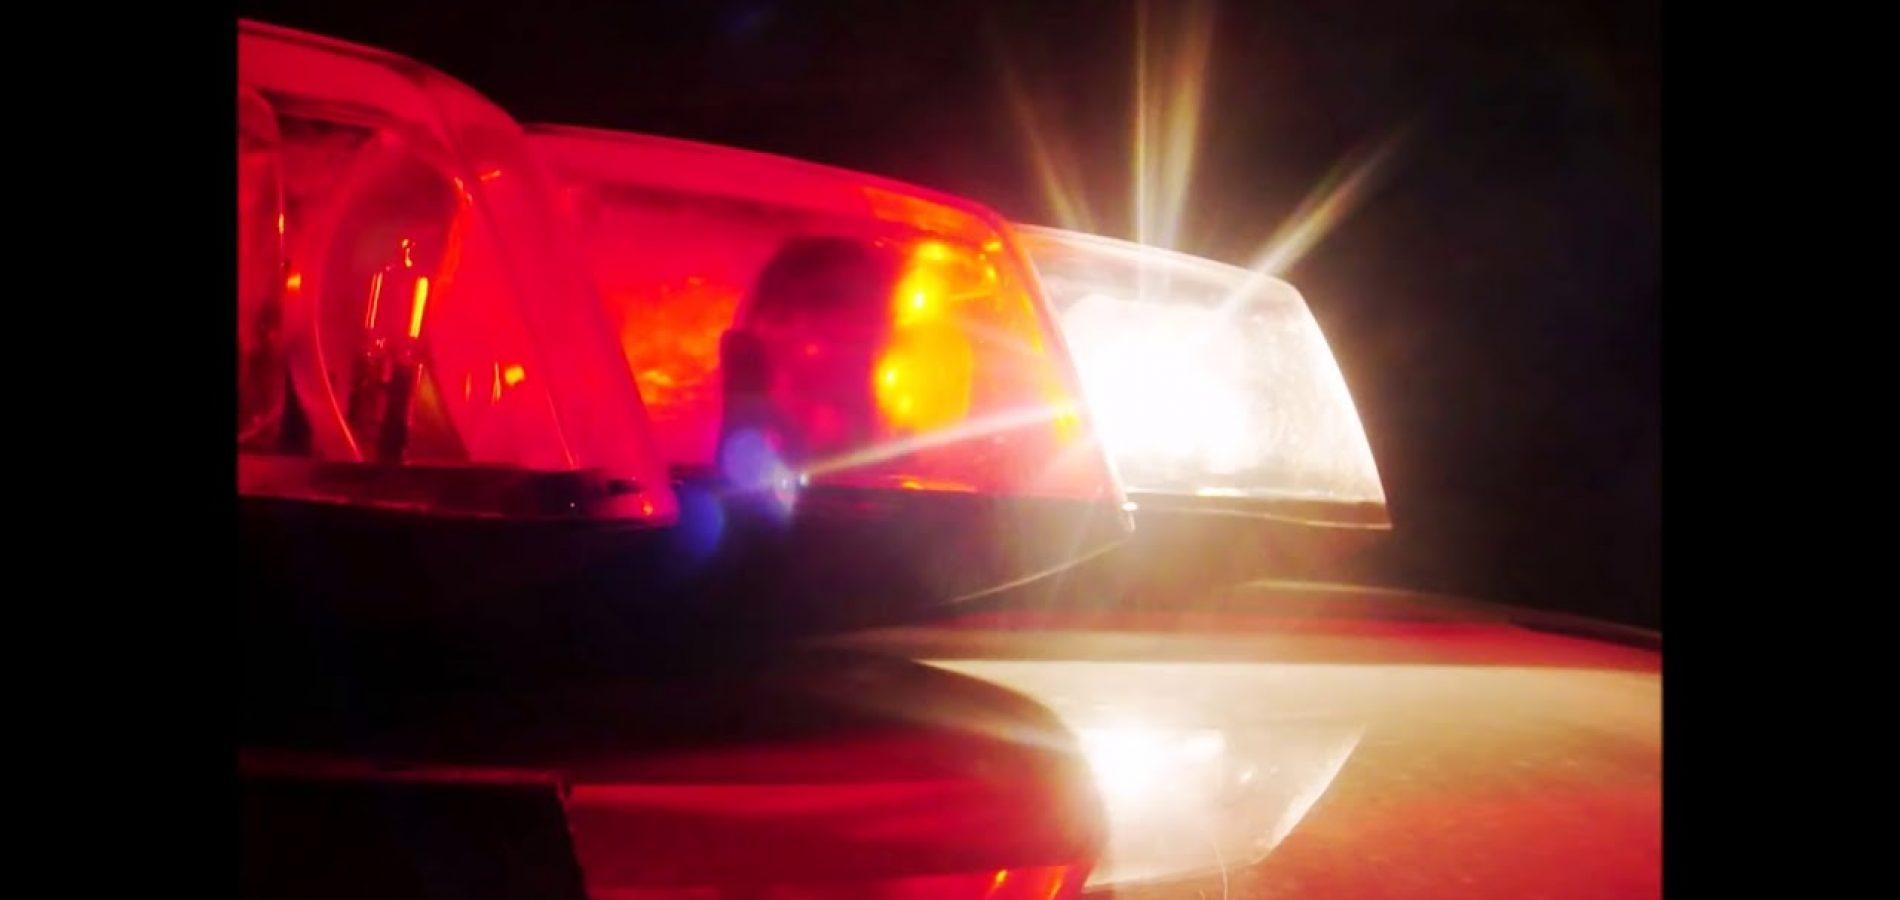 PI | Áudio sobre homens armados causa pânico e Polícia é acionada